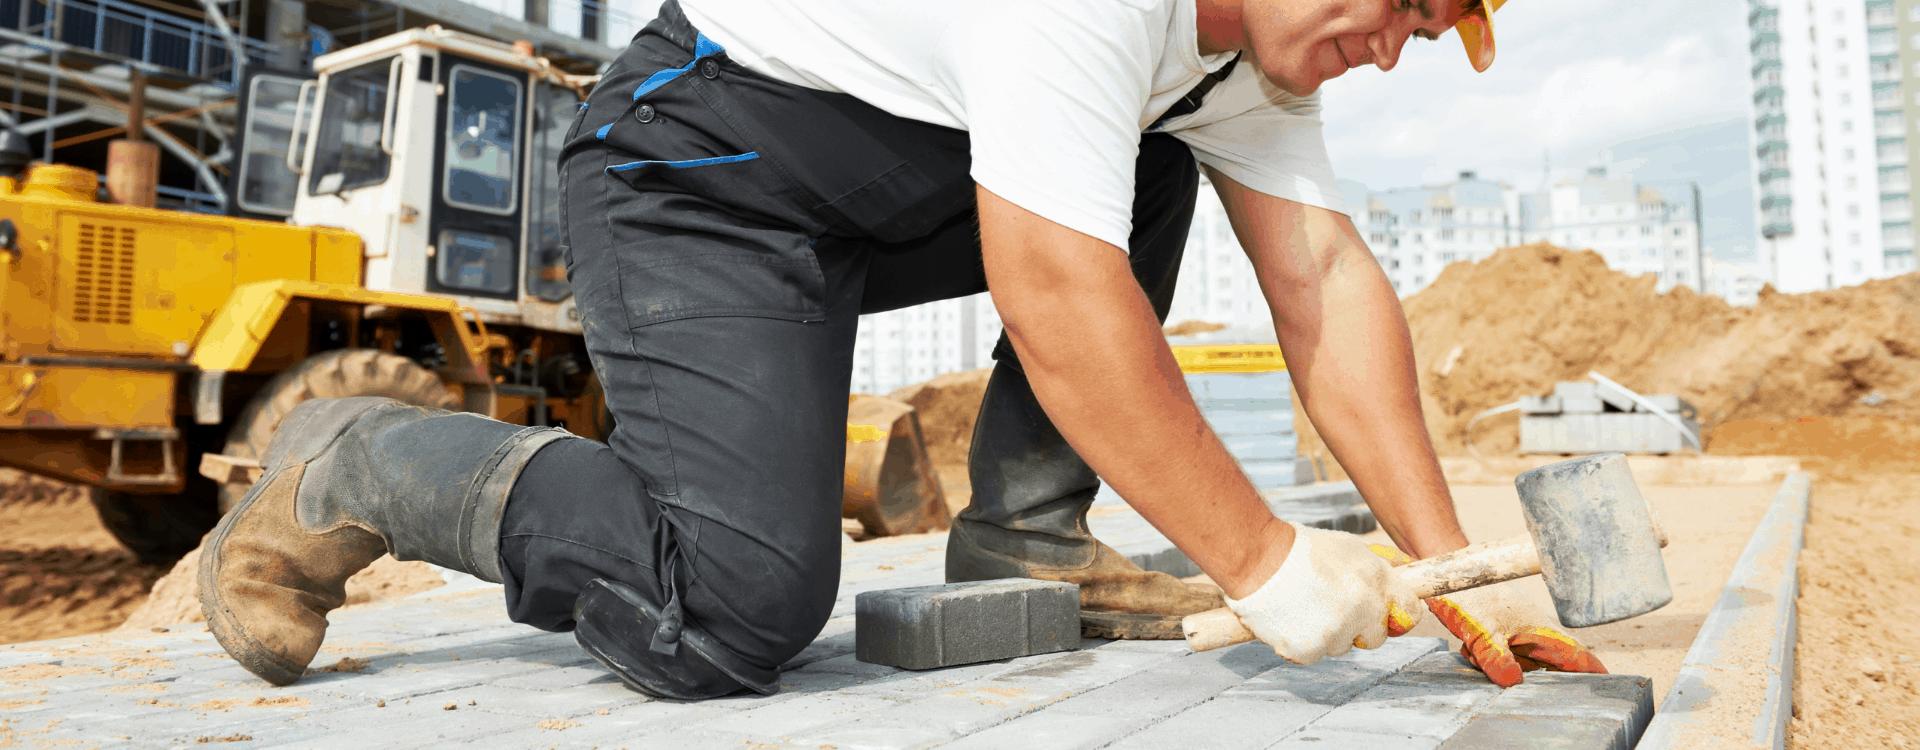 dudas-plan-seguridad-salud-obra-construccion